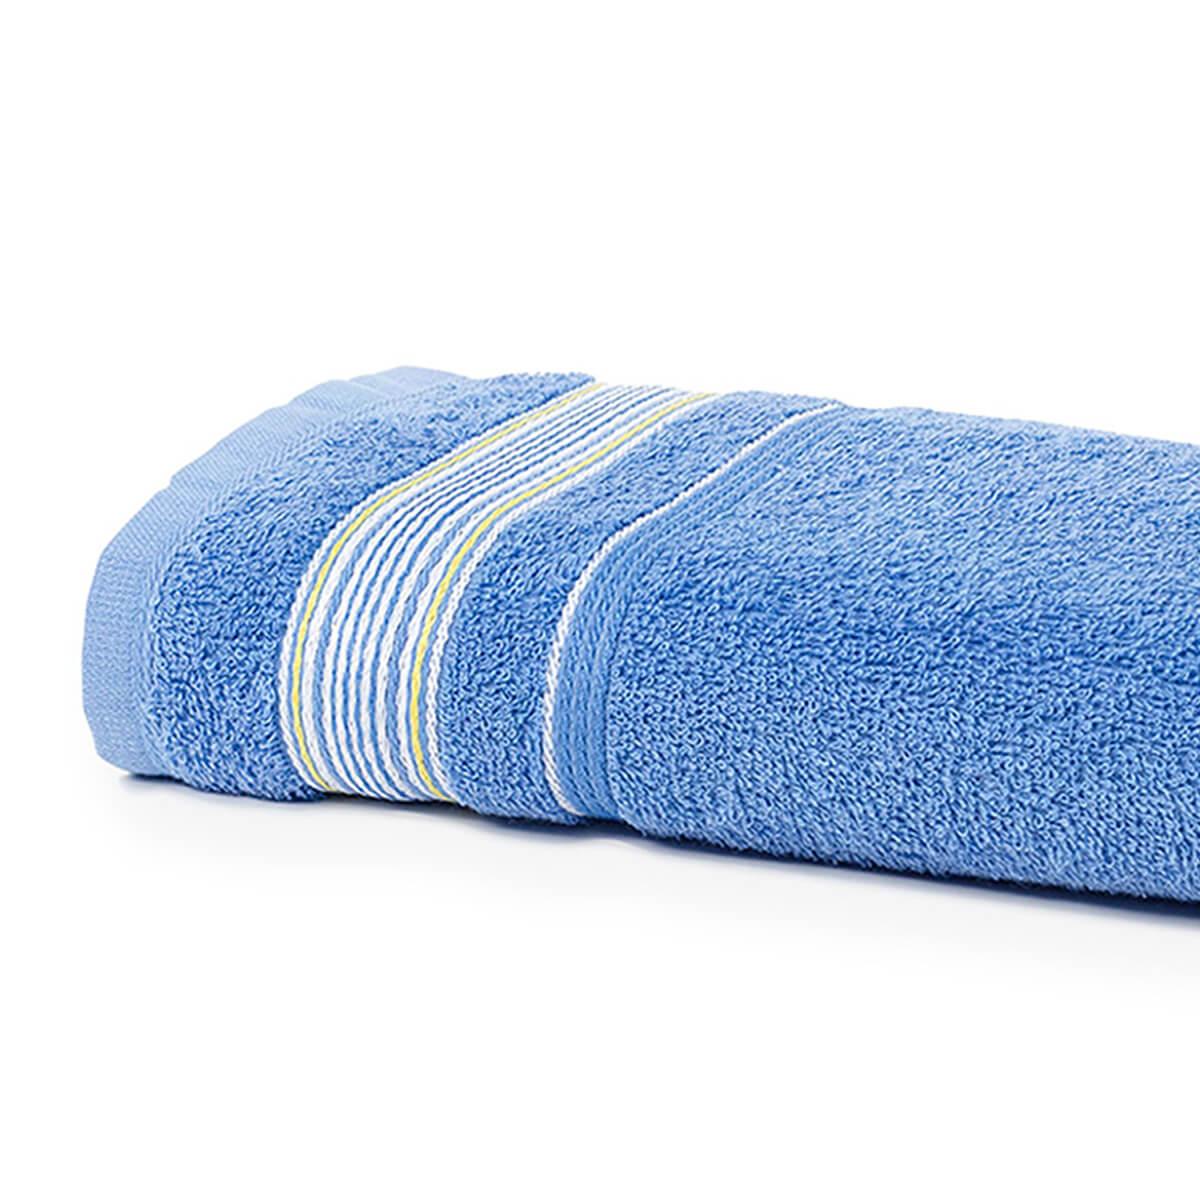 Toalha de Banho Royal Billy Azul